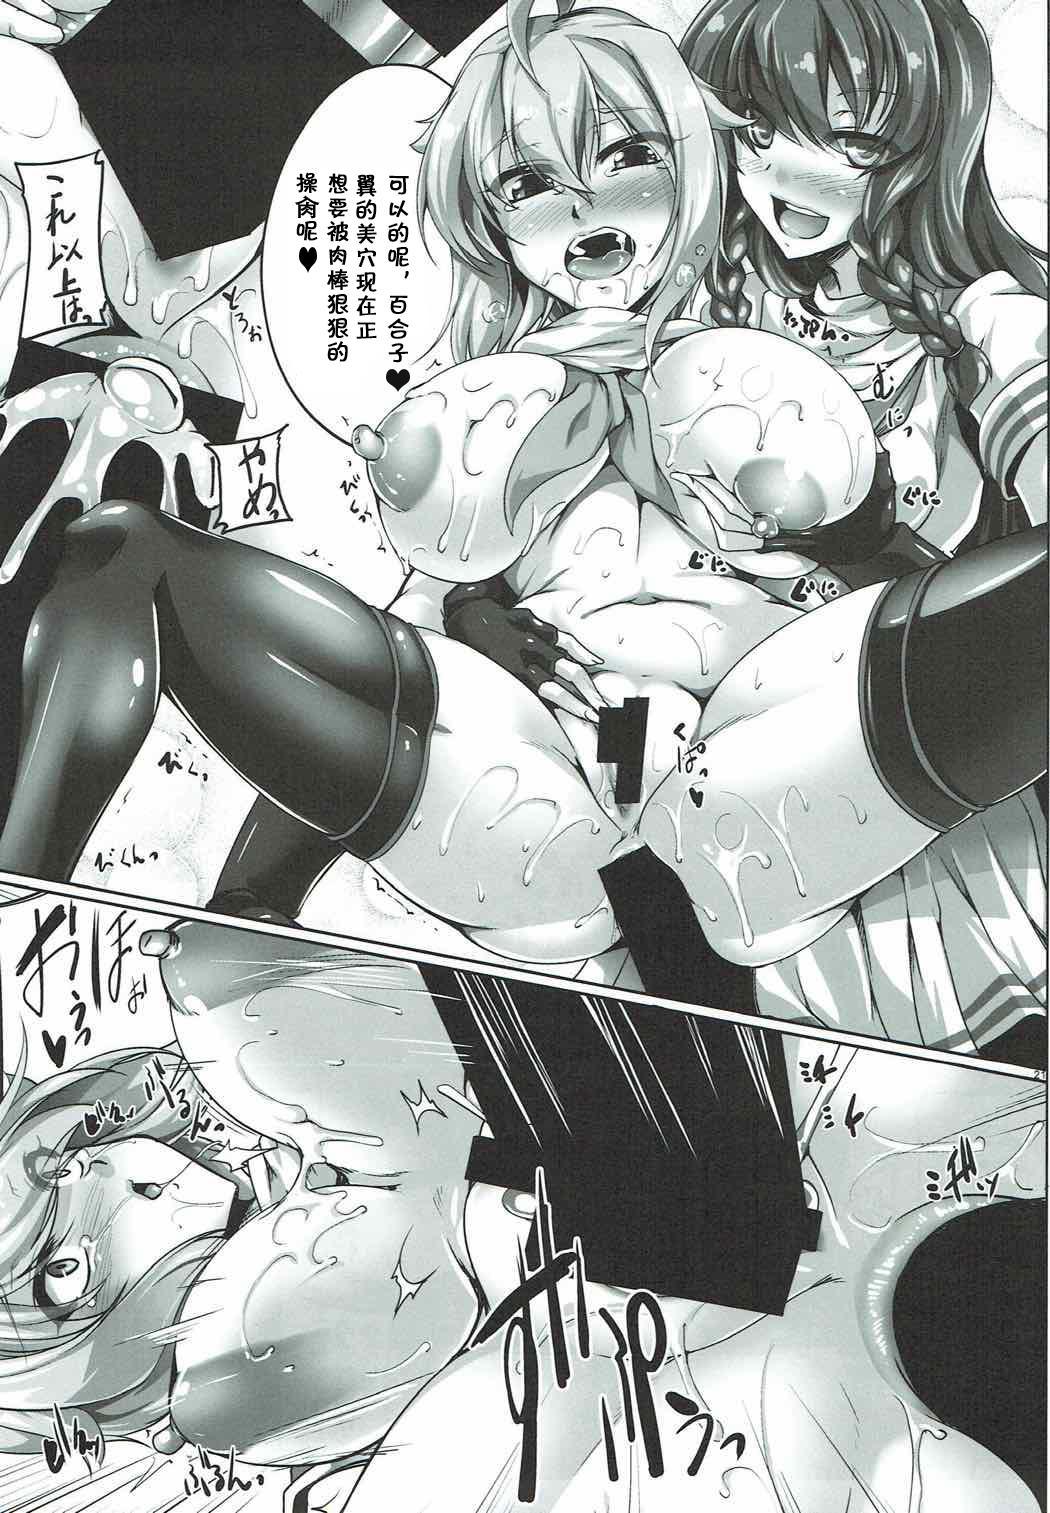 Tsubasa Otsu 18